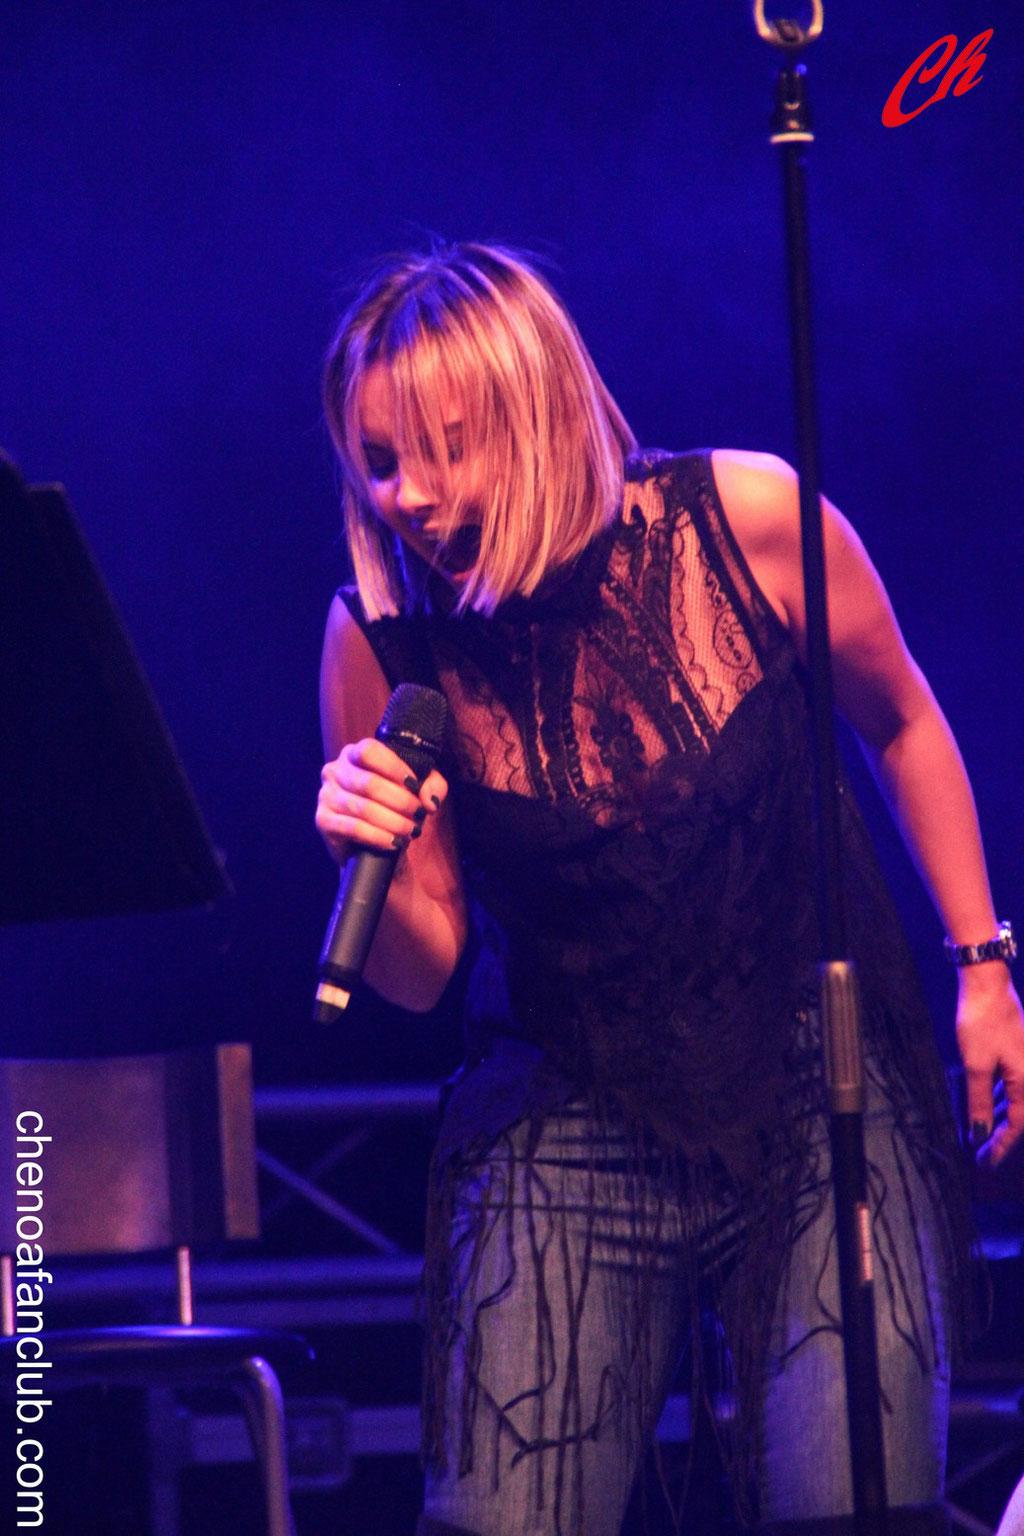 Concierto Teatro Núria Espert (Sant Andreu de la Barca) 30/11/2017 - Fotos Celia de la Vega